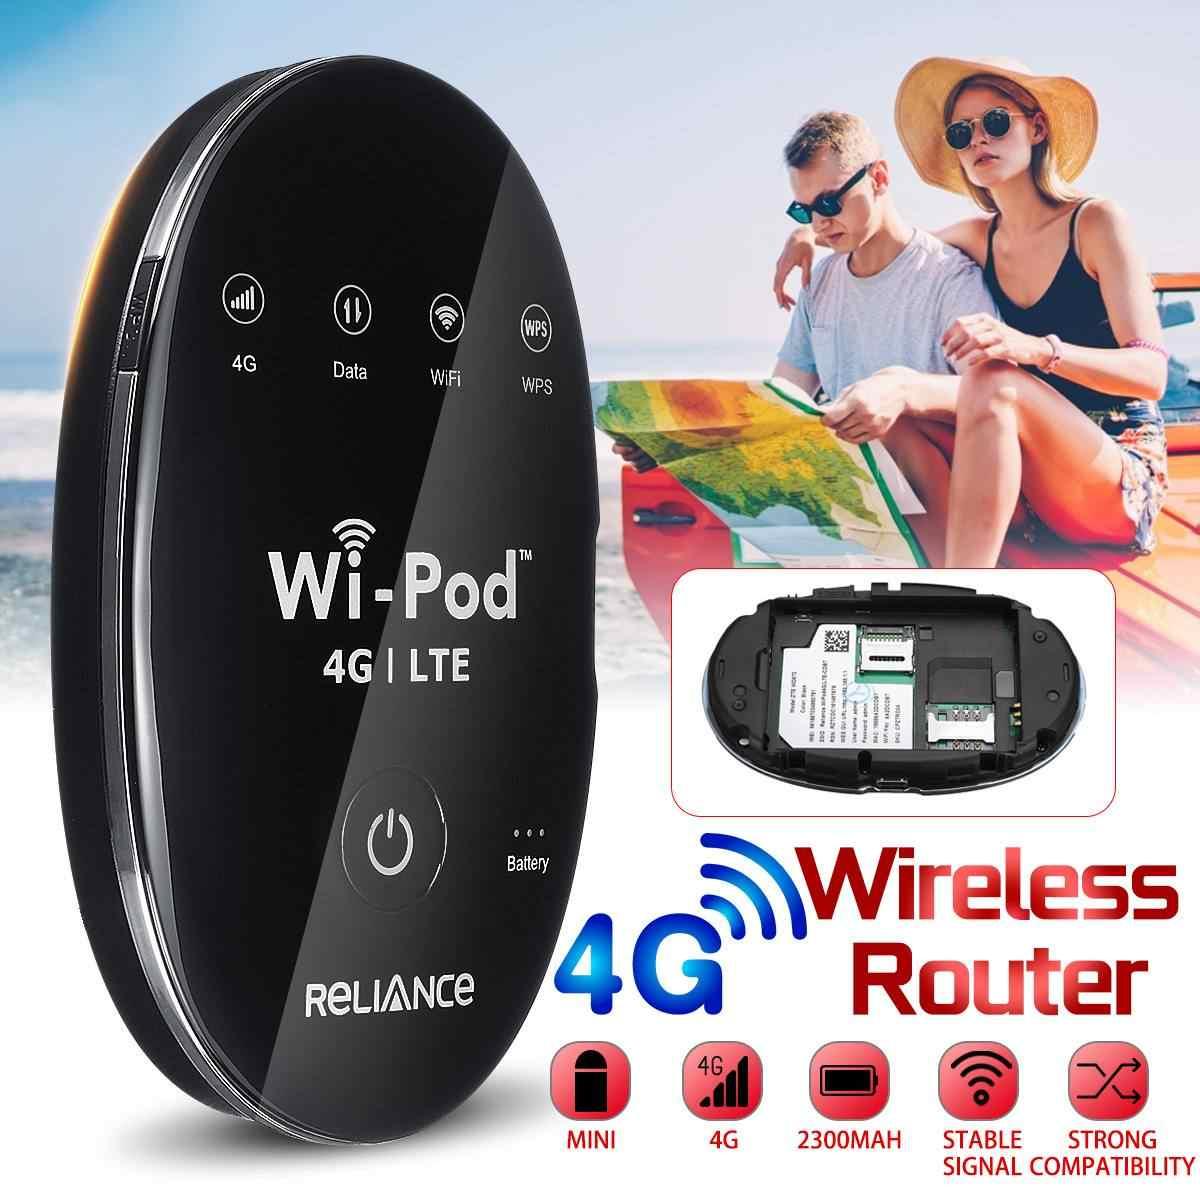 محمول USB وينجل LTE العالمي 4G مودم شبكة WIFI المحمول دونغل التقنية سيارة واي فاي راوتر لاسلكي هوت سبوت سيم